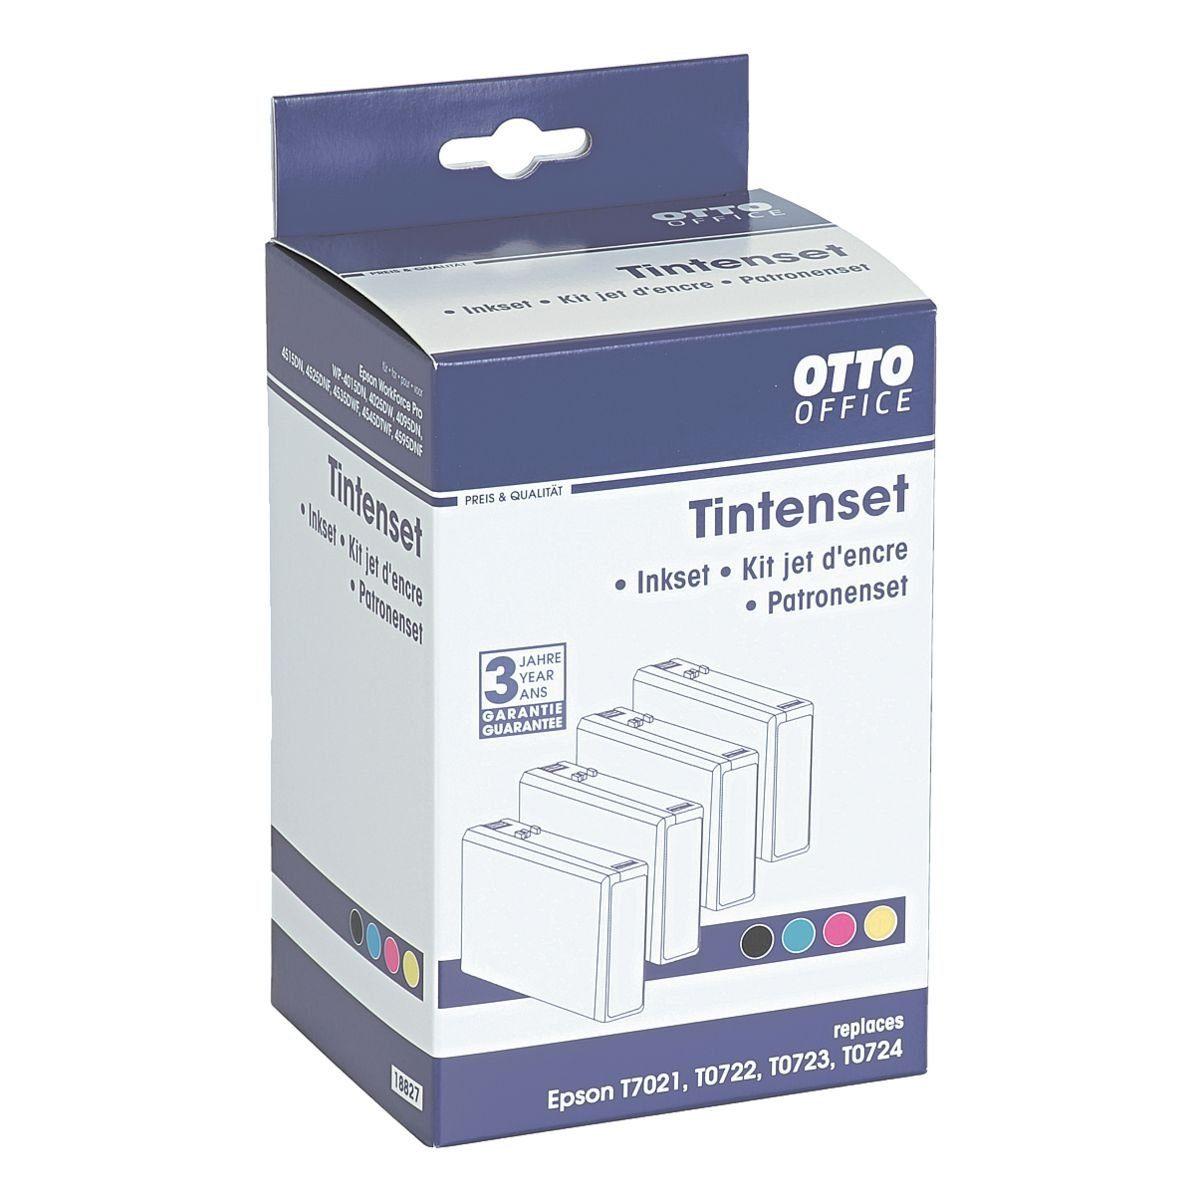 OTTO Office Standard Tintenpatronen-Set ersetzt Epson »T702-Set«